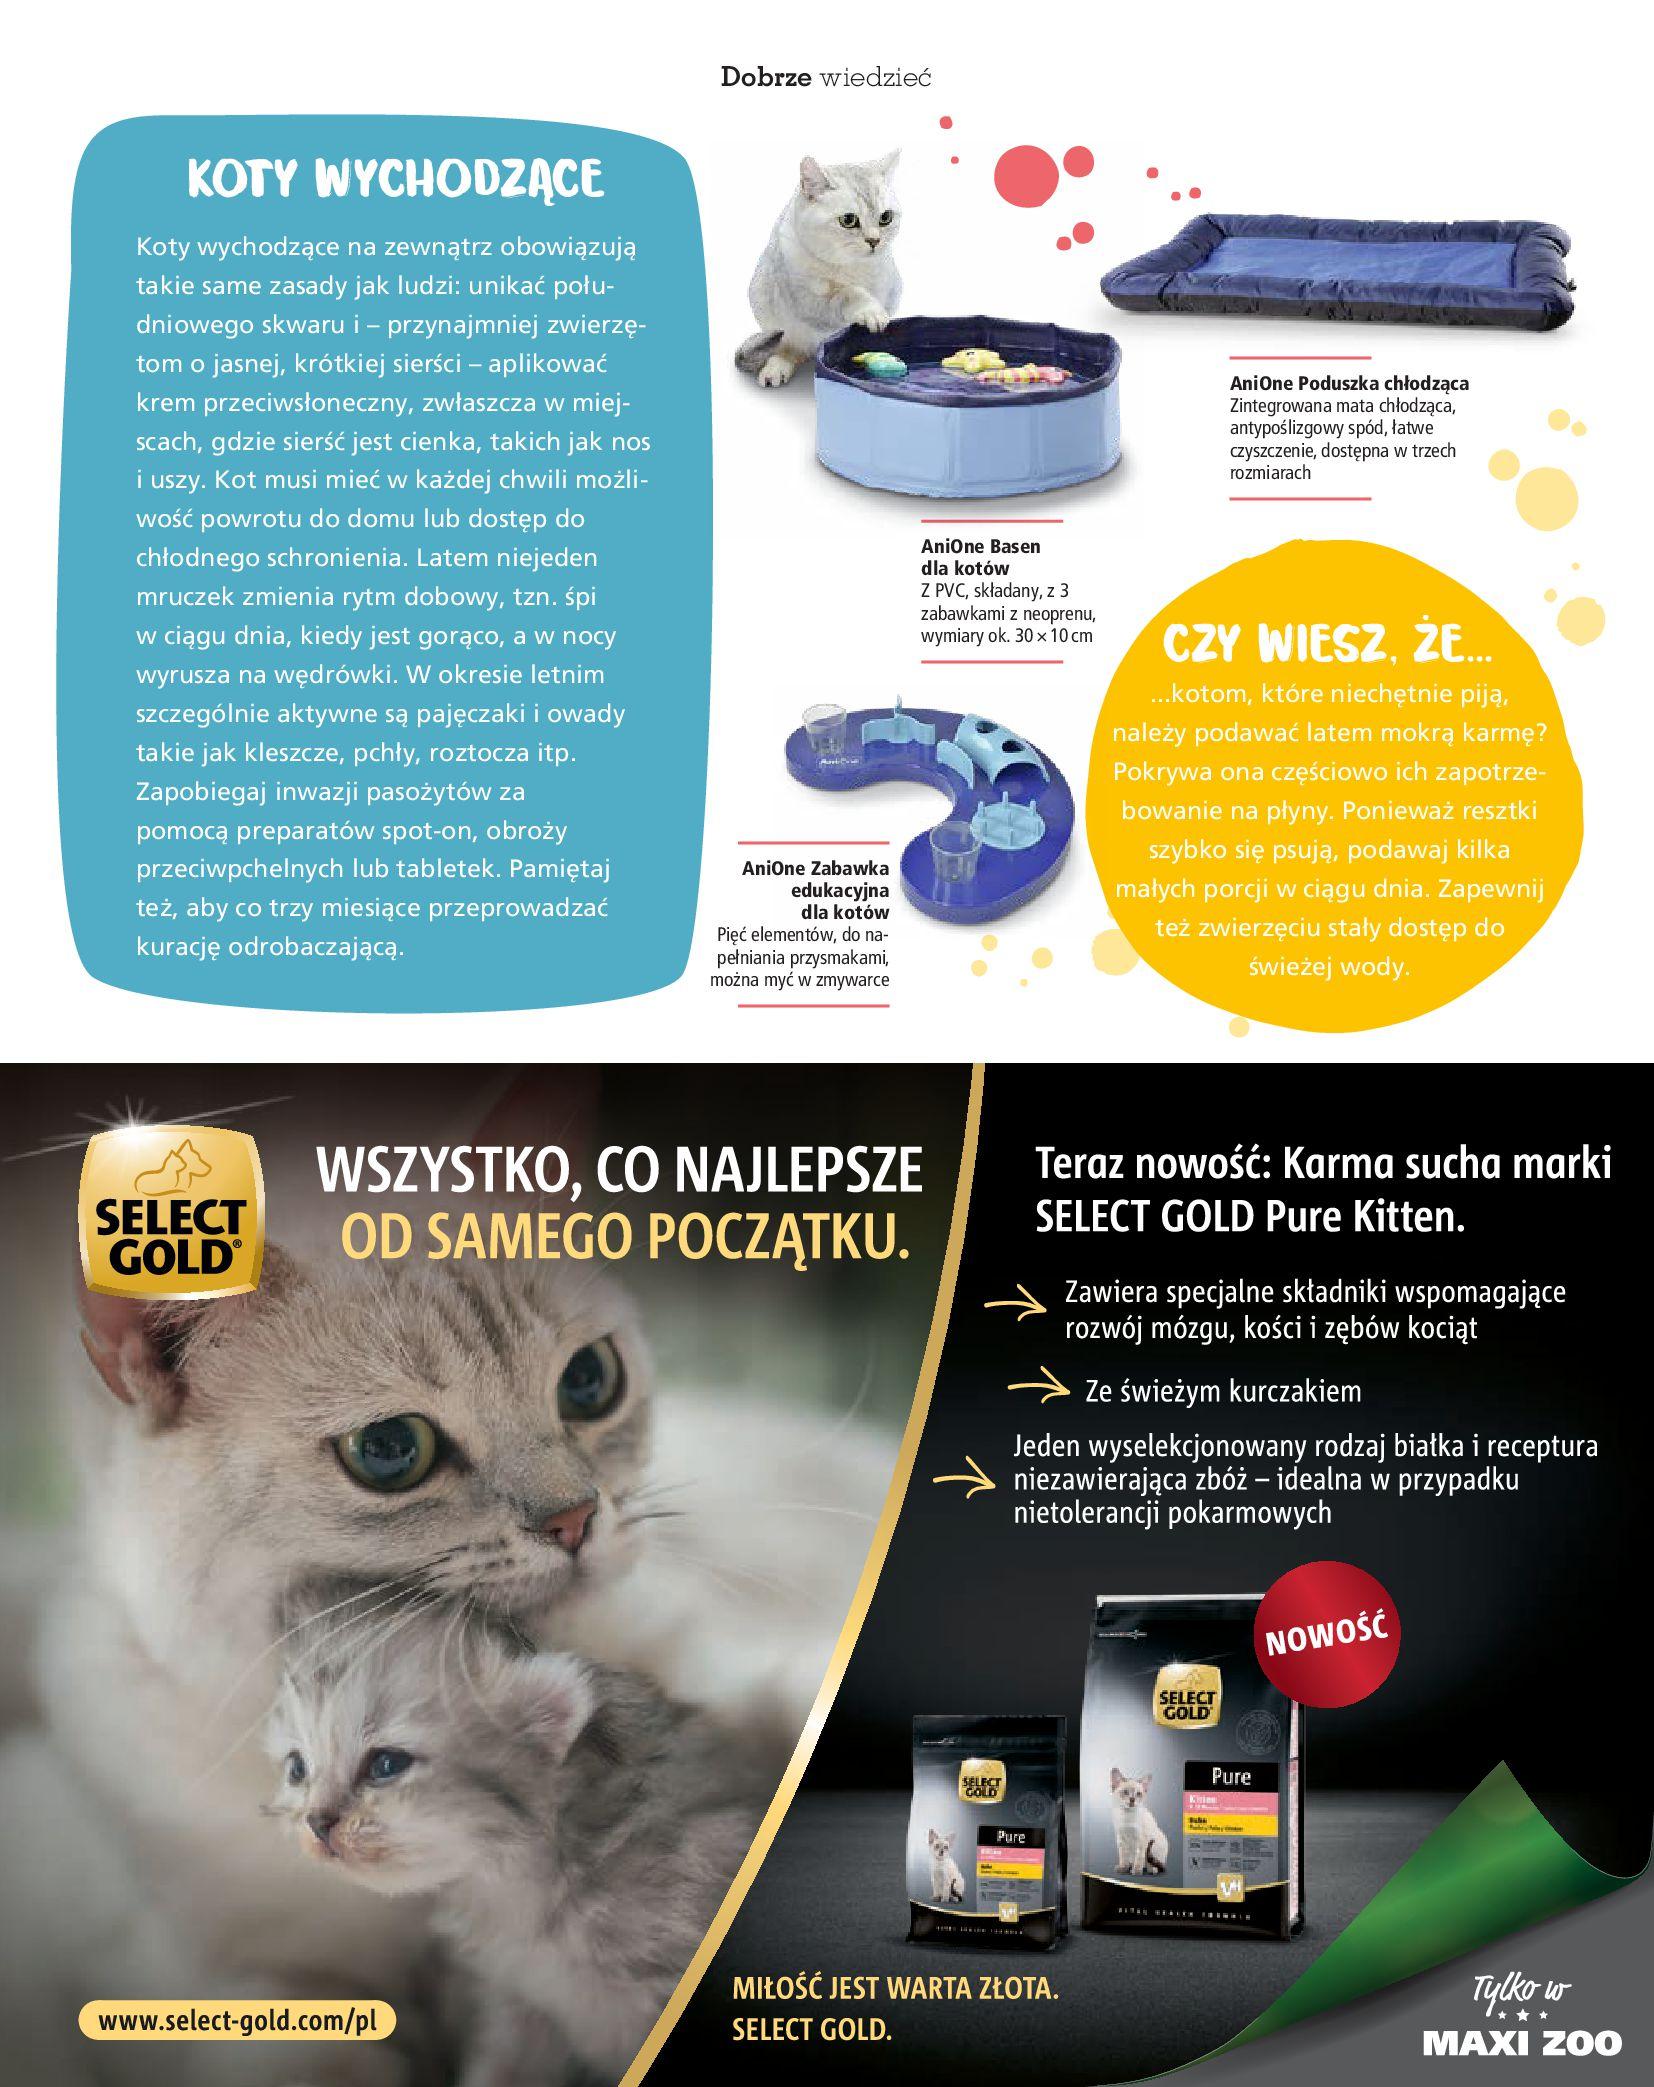 Gazetka Maxi Zoo: Gazetka Maxi Zoo - Friends 2021-05-18 page-23